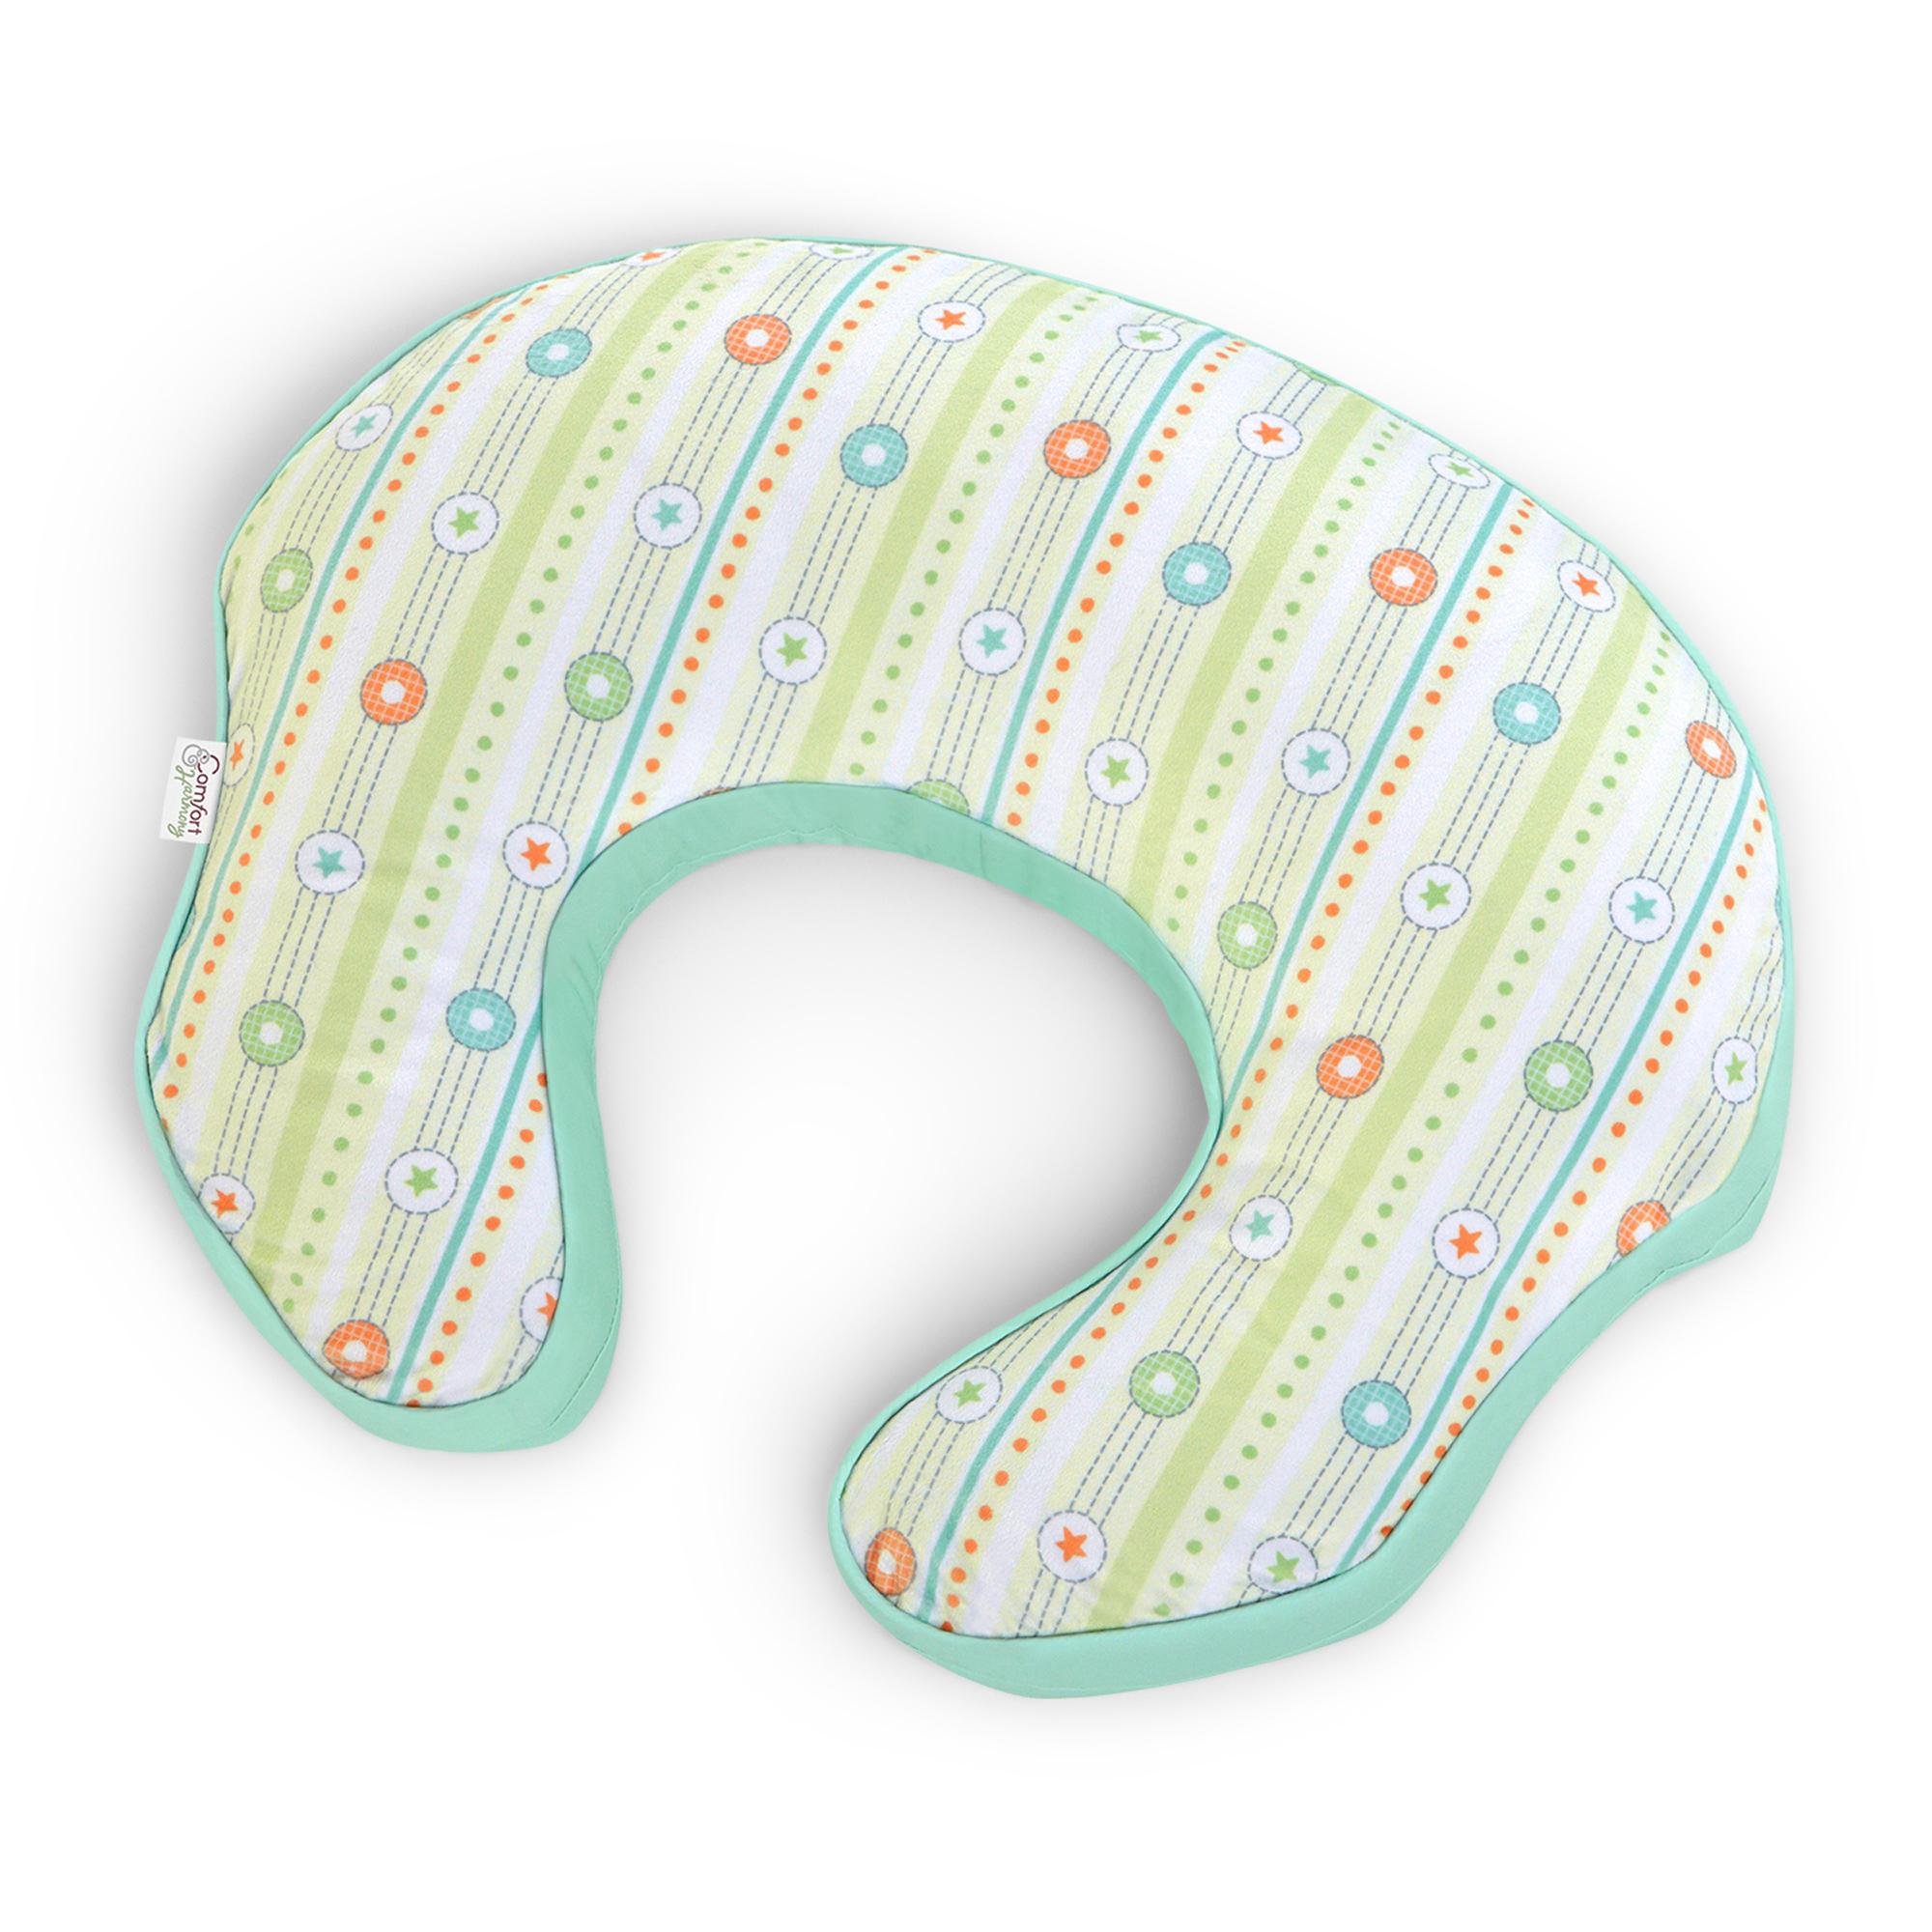 mombo™ Nursing Pillow Slipcover - Vine & Whimsy™